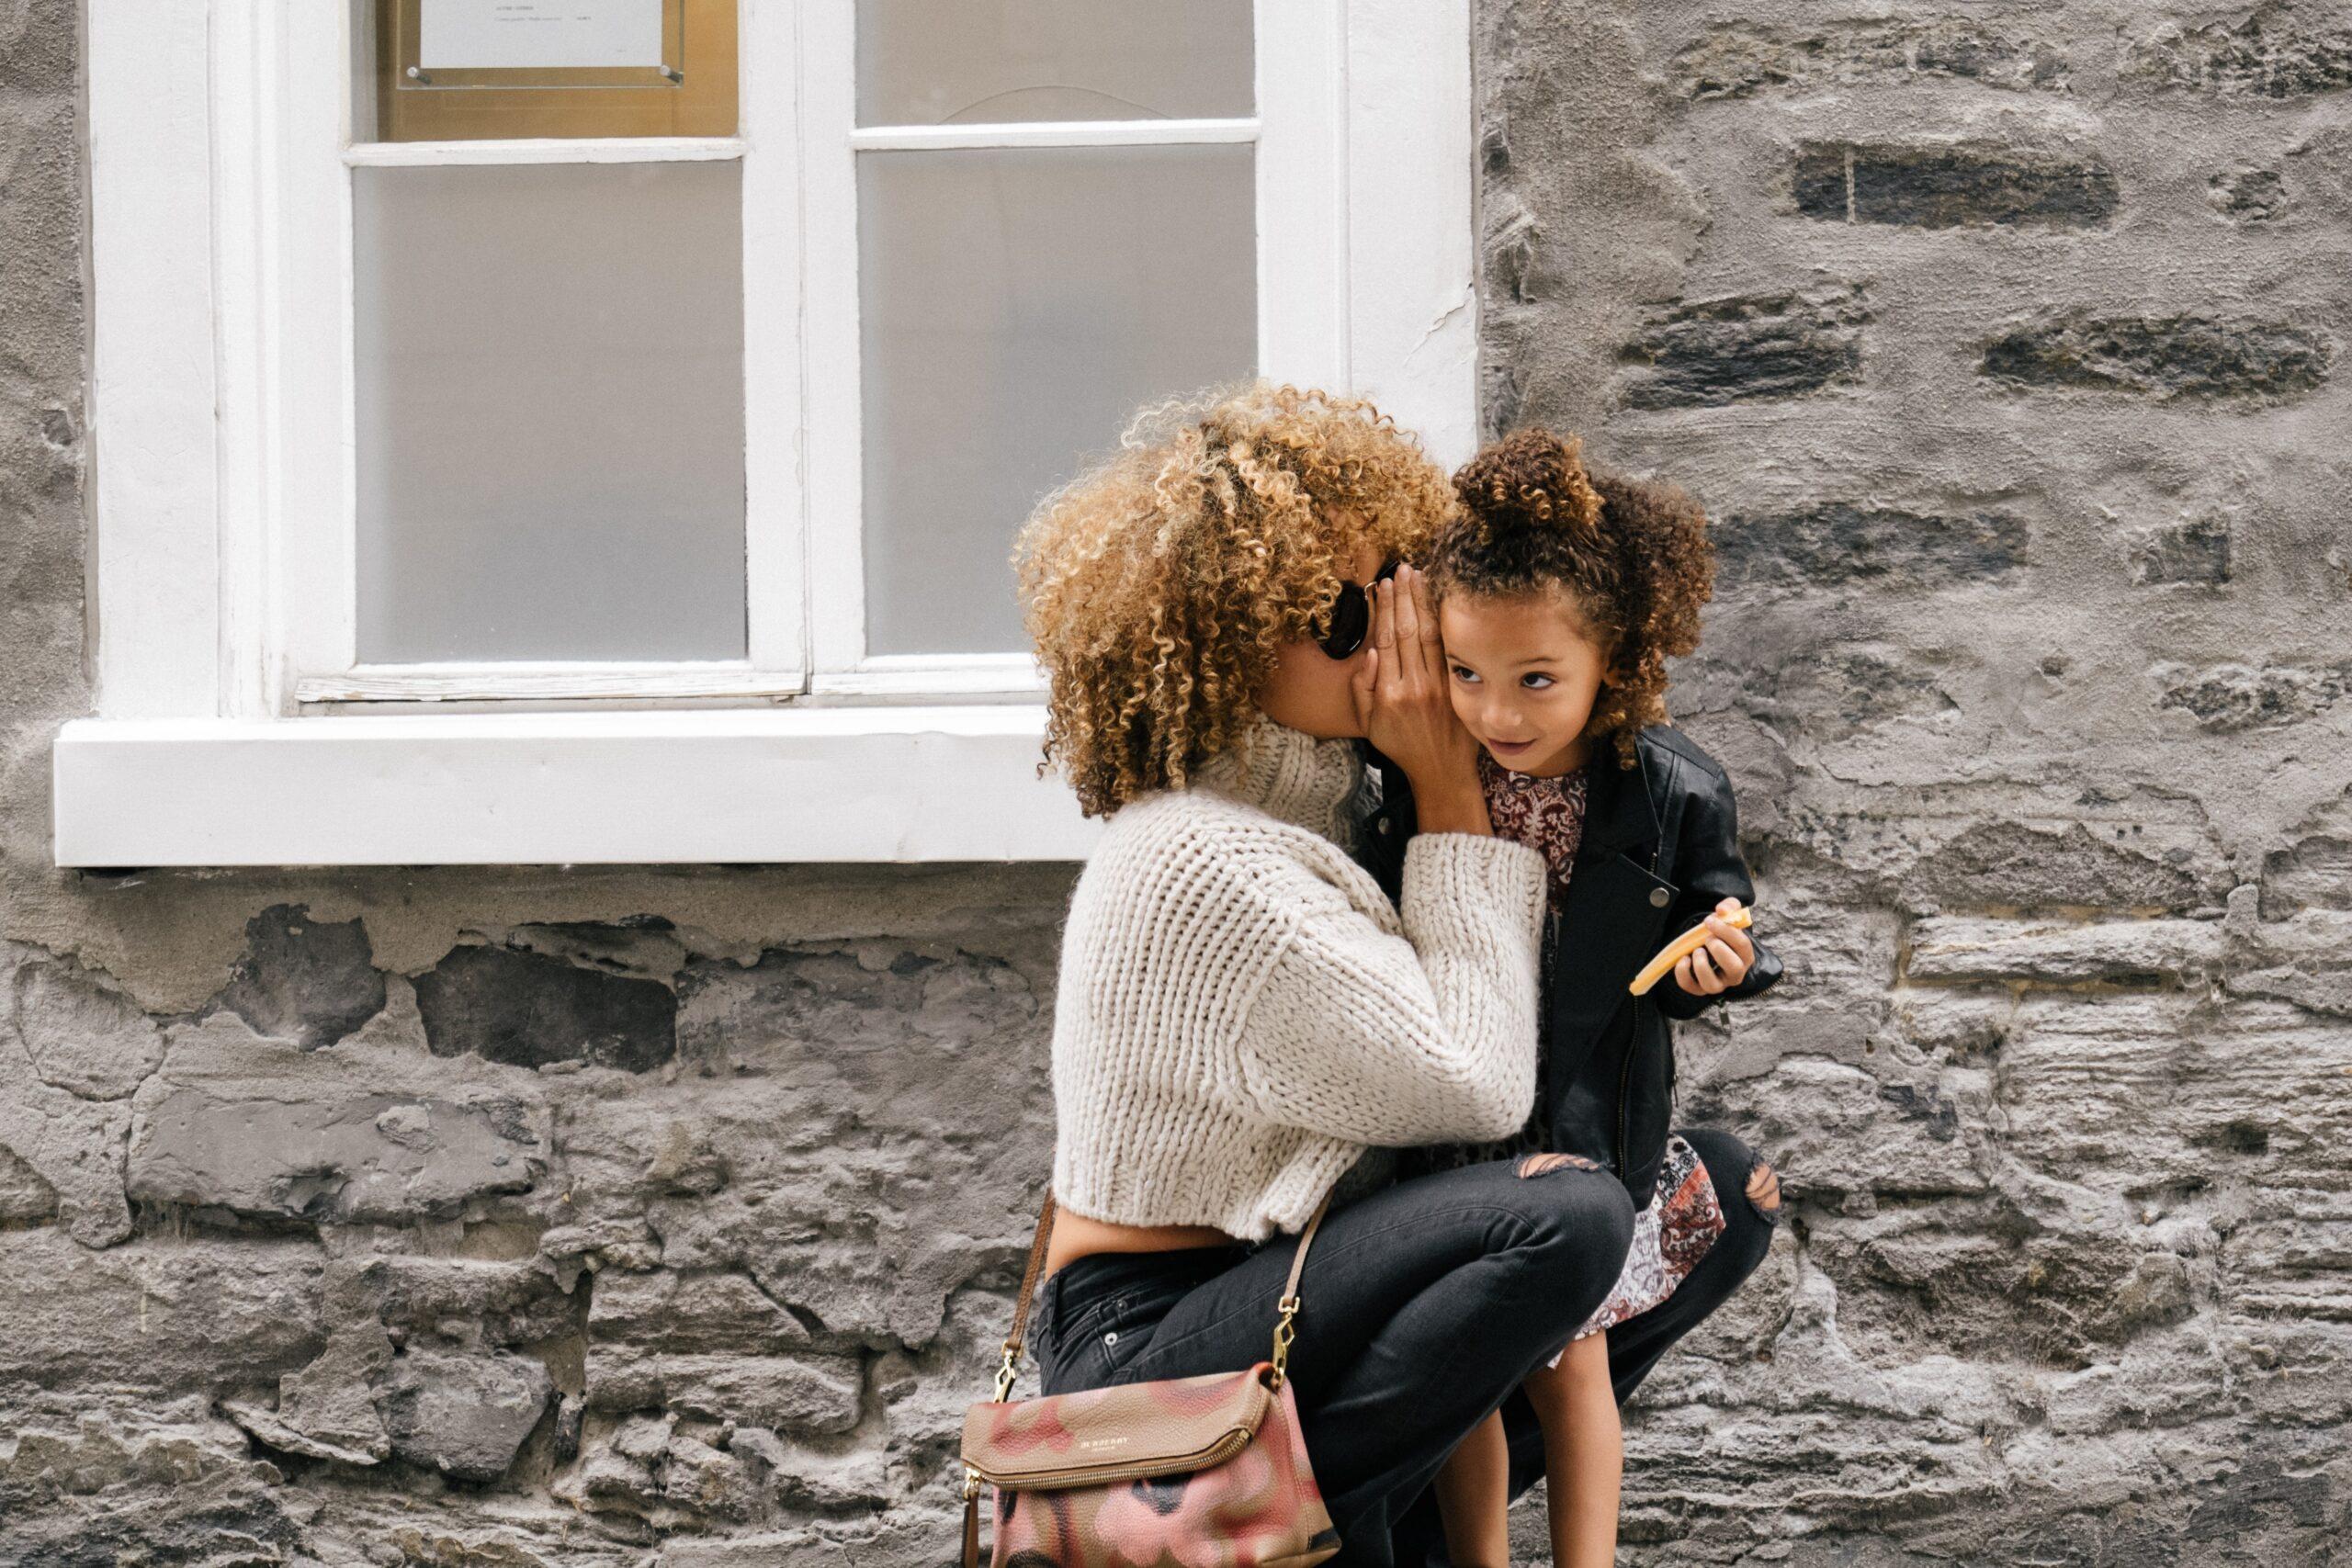 Les llars de criança: què n'opinen les famílies?